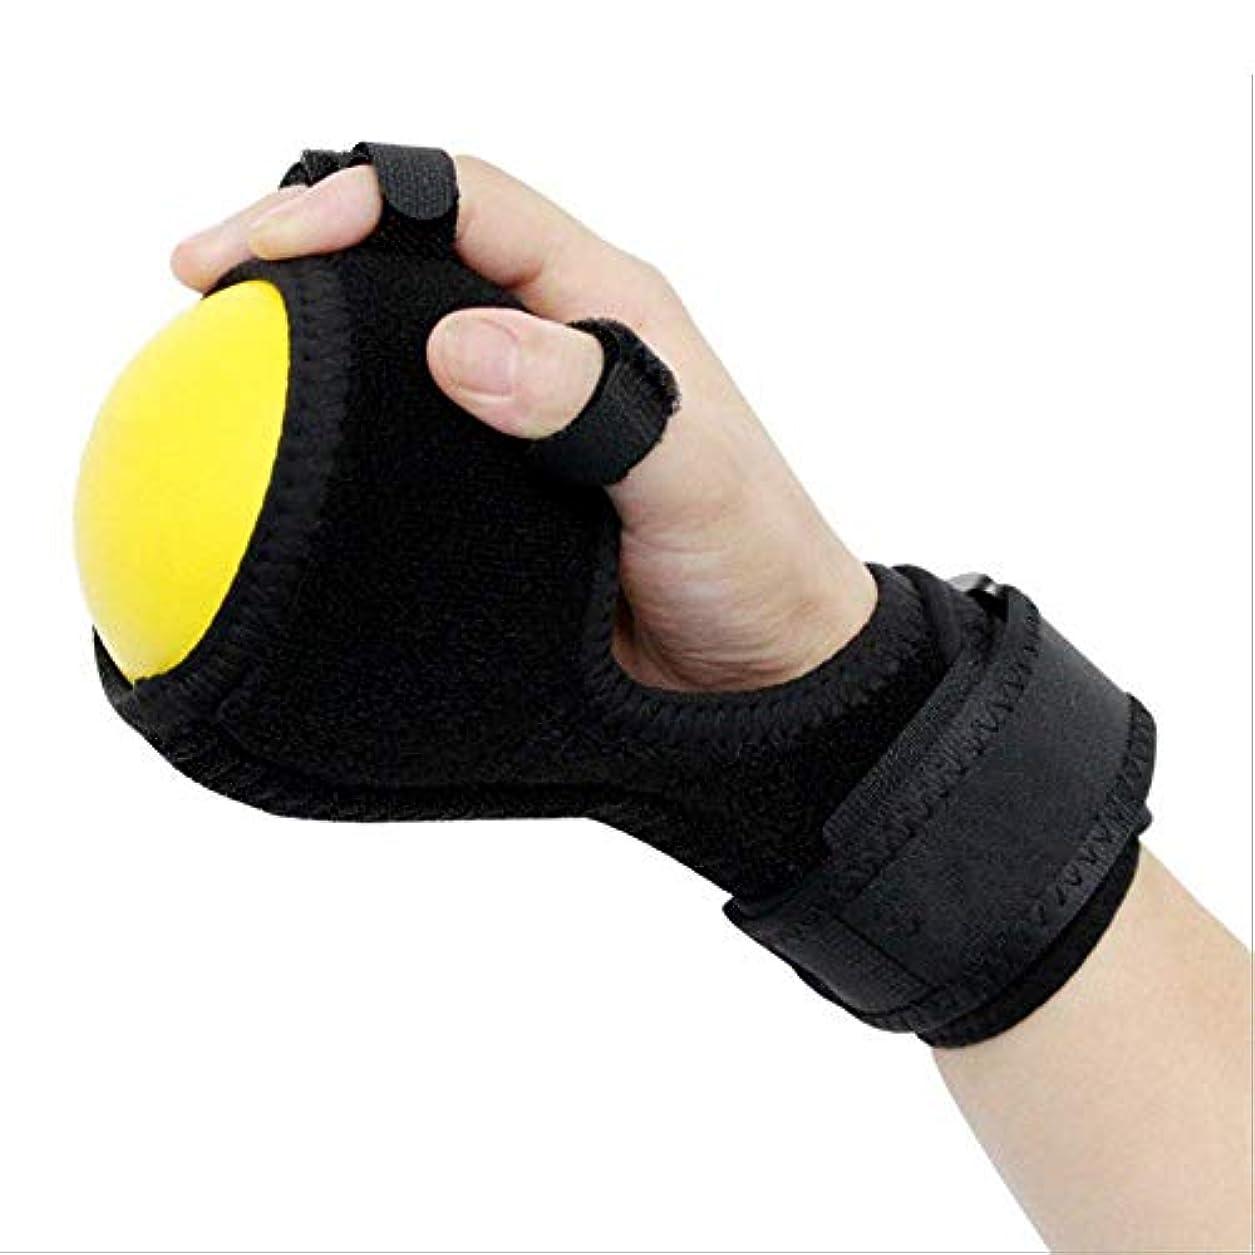 修羅場メッセンジャーピック指装具、指板訓練器具抗痙攣性ボールスプリントハンド機能障害指装具ハンドボールエクササイズ指片麻痺